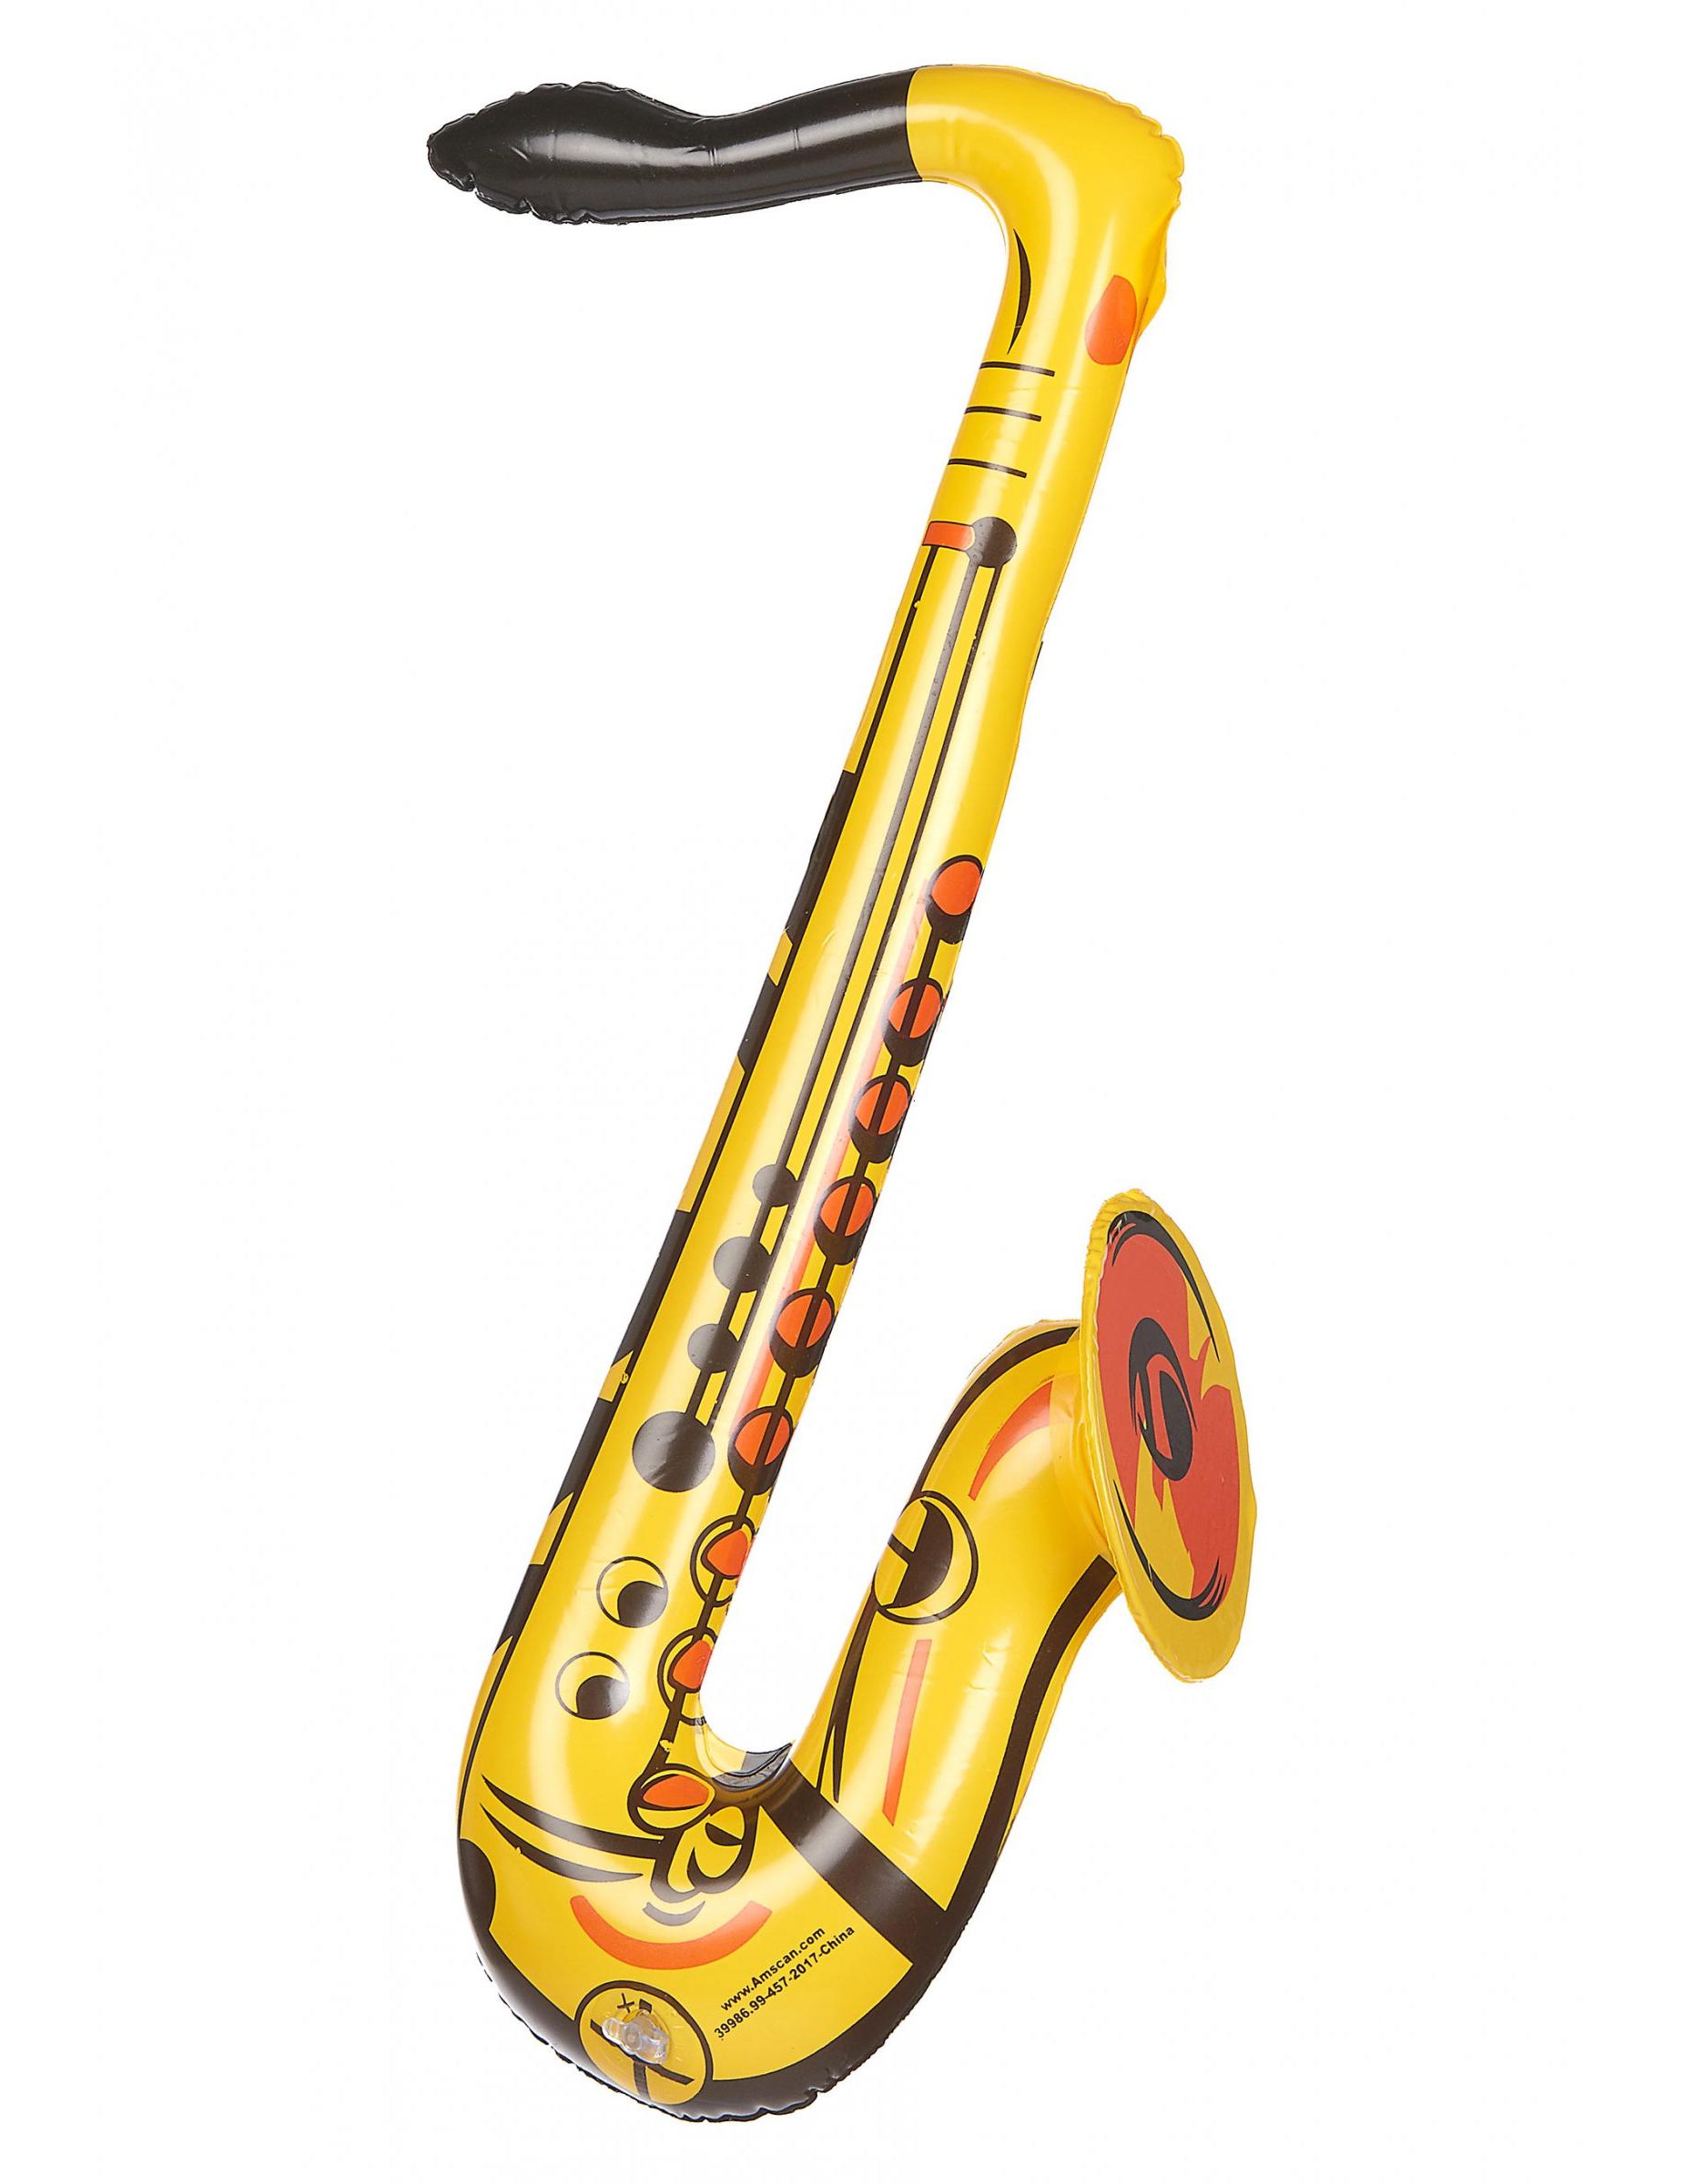 aufblasbares saxophon gelb accessoires und g nstige. Black Bedroom Furniture Sets. Home Design Ideas